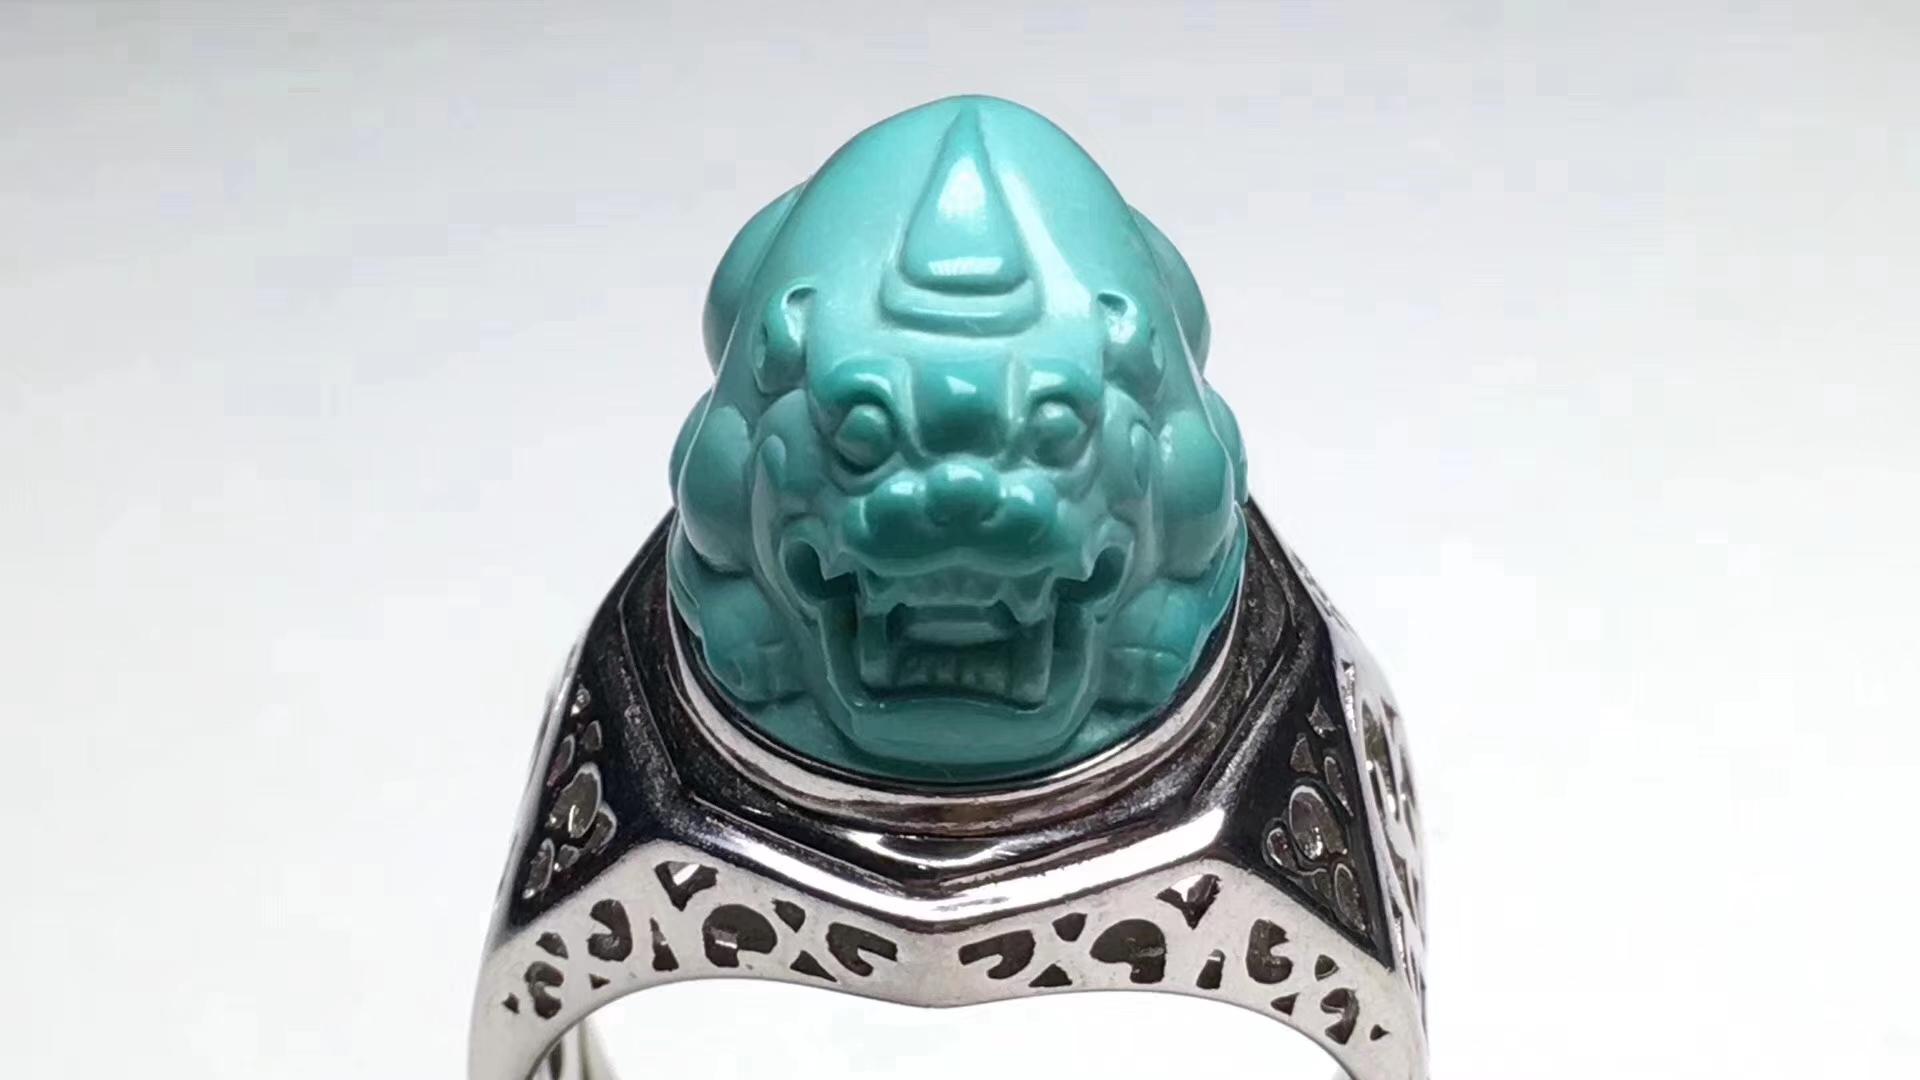 原矿绿松石精工雕刻招财貔貅, 尺寸18.7*13.5mm,重12克